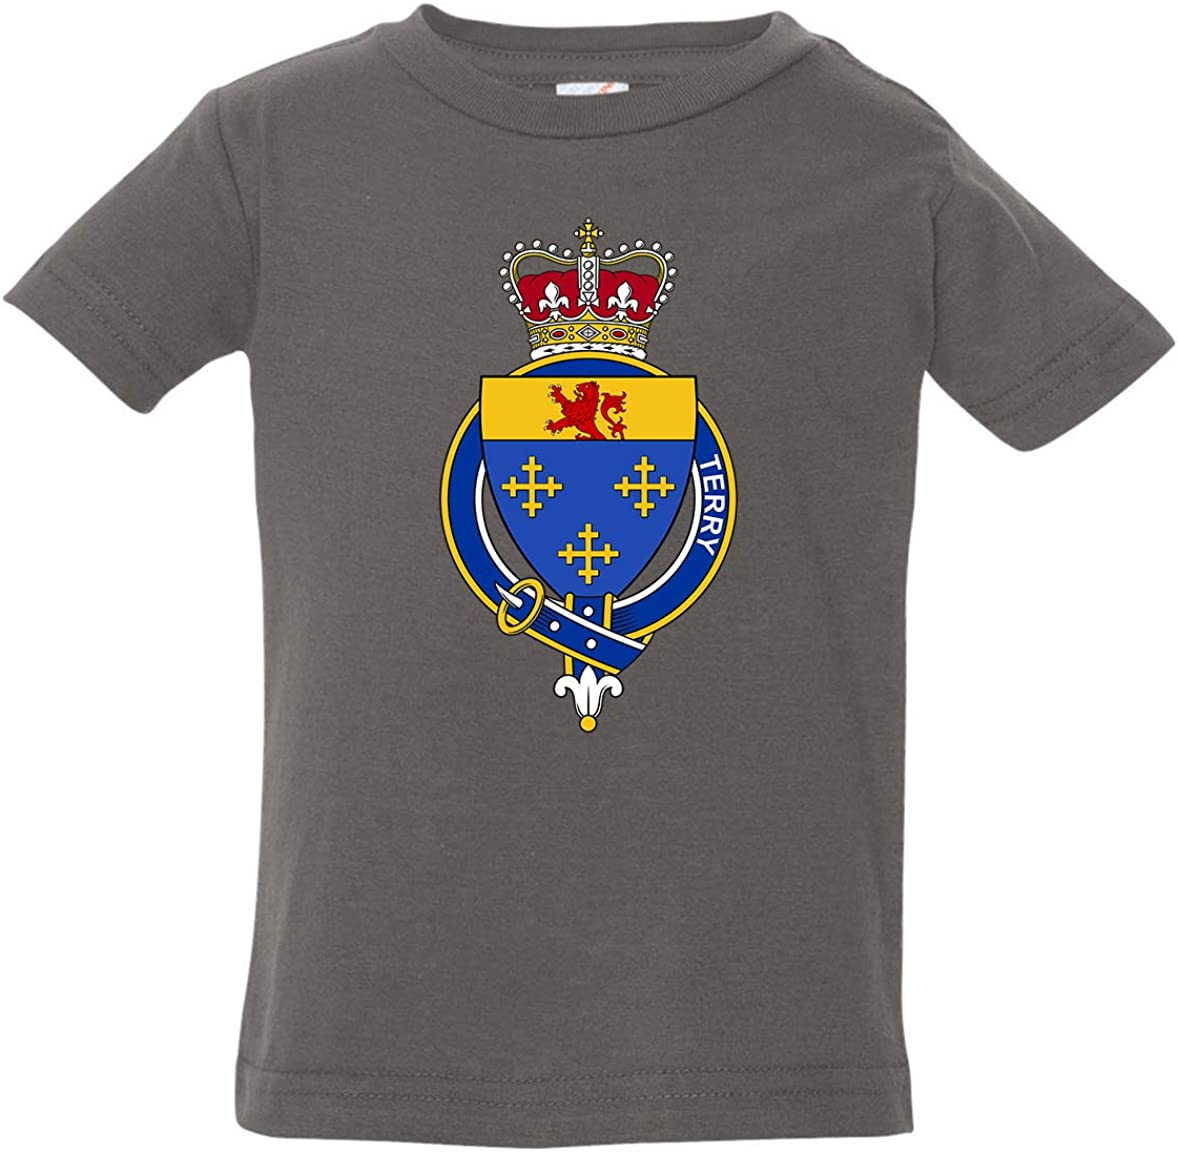 Tenacitee Babys Irish Garter Family Terry Shirt